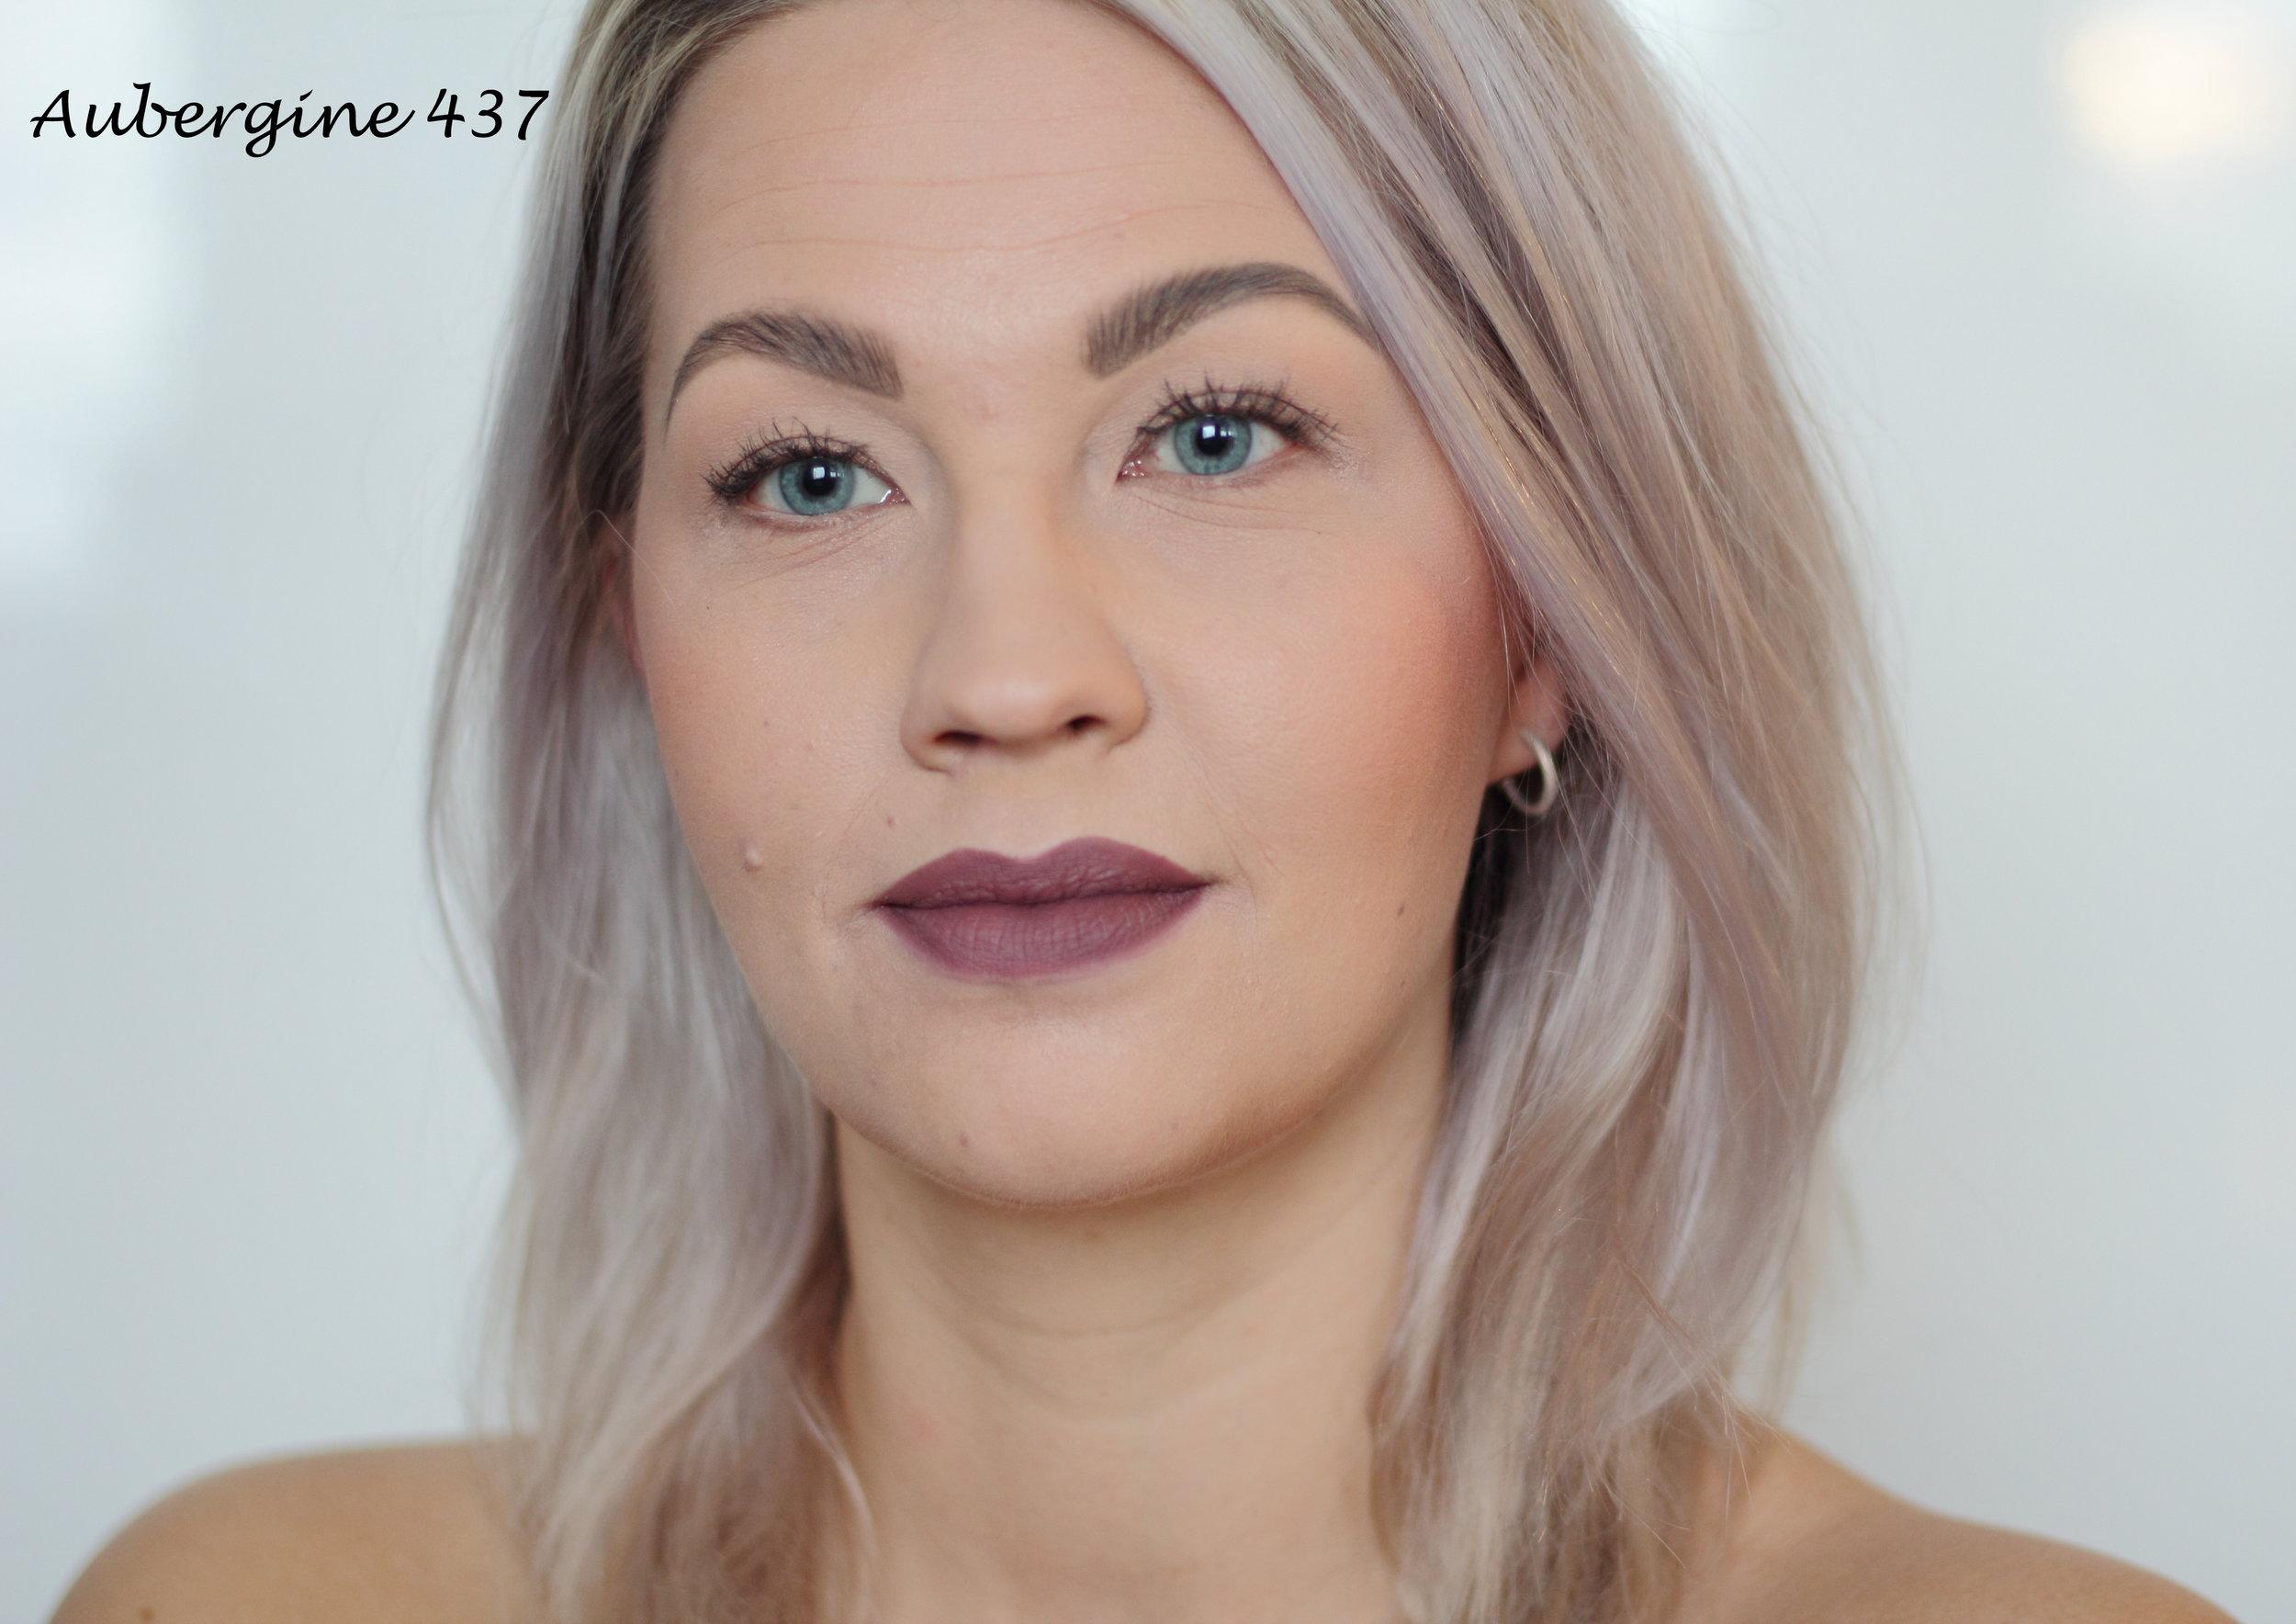 Aubergine Lipstick (437): Aubergine on aivan mahtava kylmä violettiin taittava huulipuna. Tämä on minun ehdoton suosikki näistä huulipunista ja rakastuin siihen heti, kun kokeilin sitä ensimmäisen kerran. Aivan ihana sävy! Ainakin tämä ja Nude Sensation on pakko ostaa itselle.